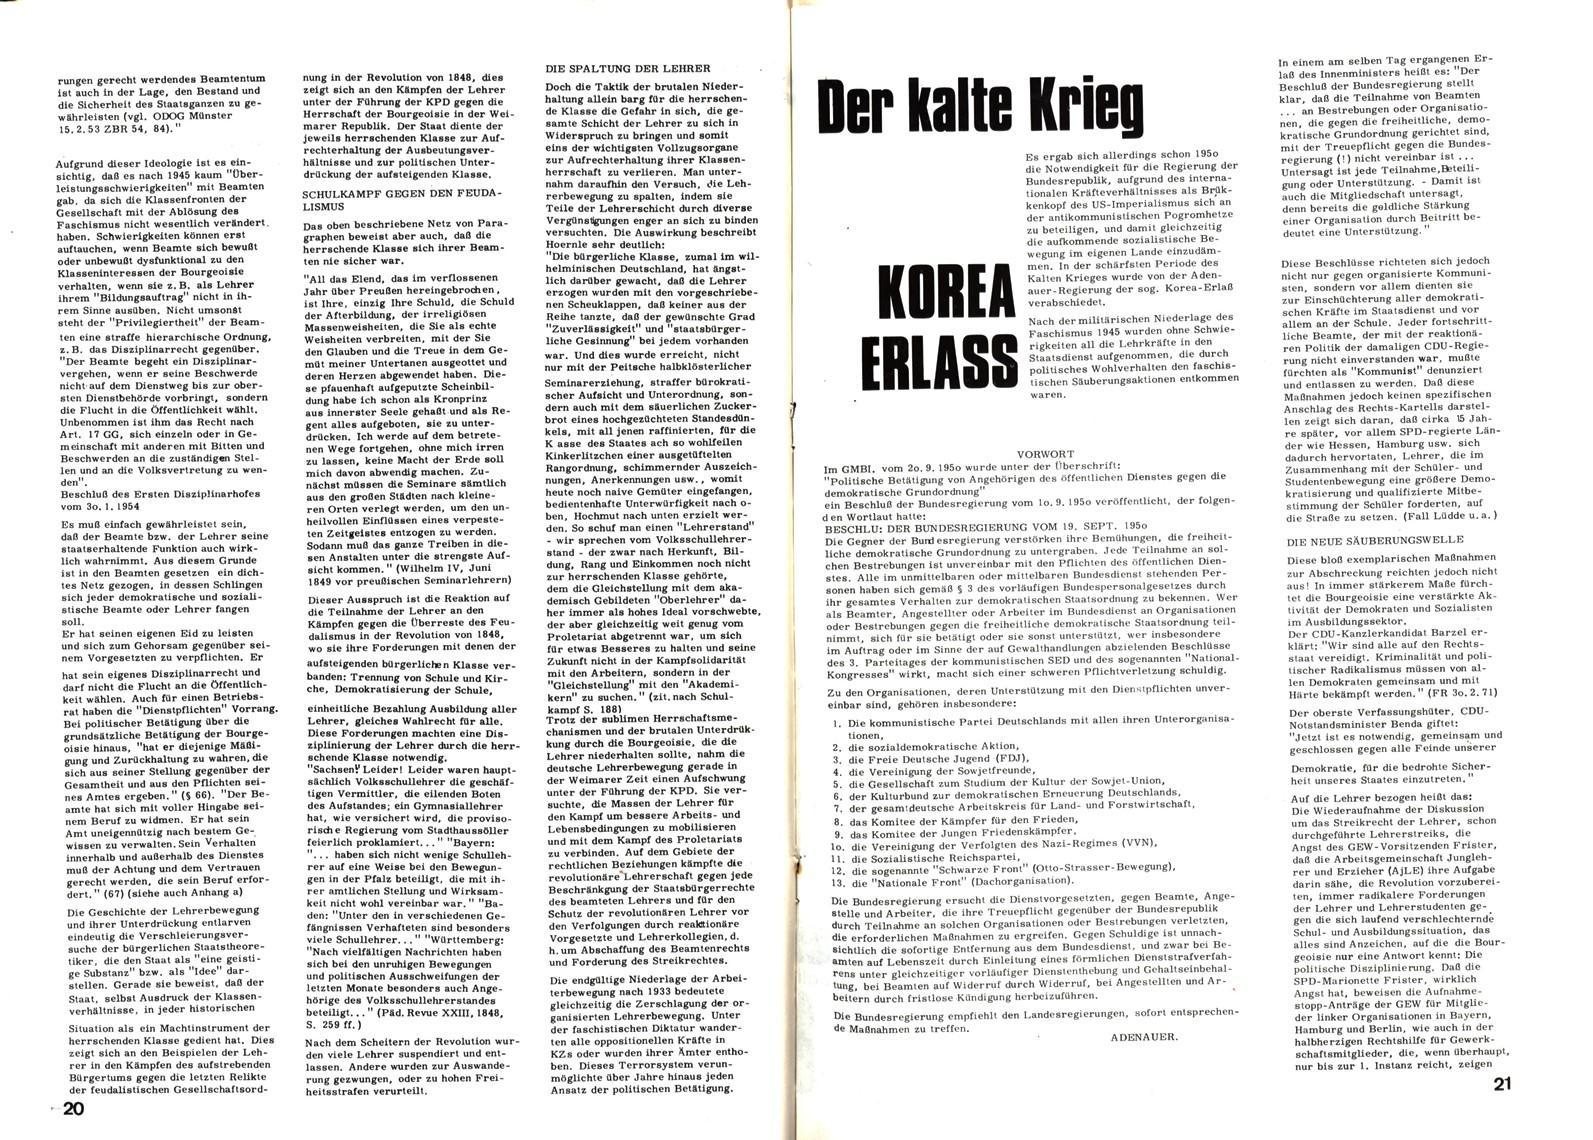 Mainz_VDS_AStA_1972_Staatsfeind_12